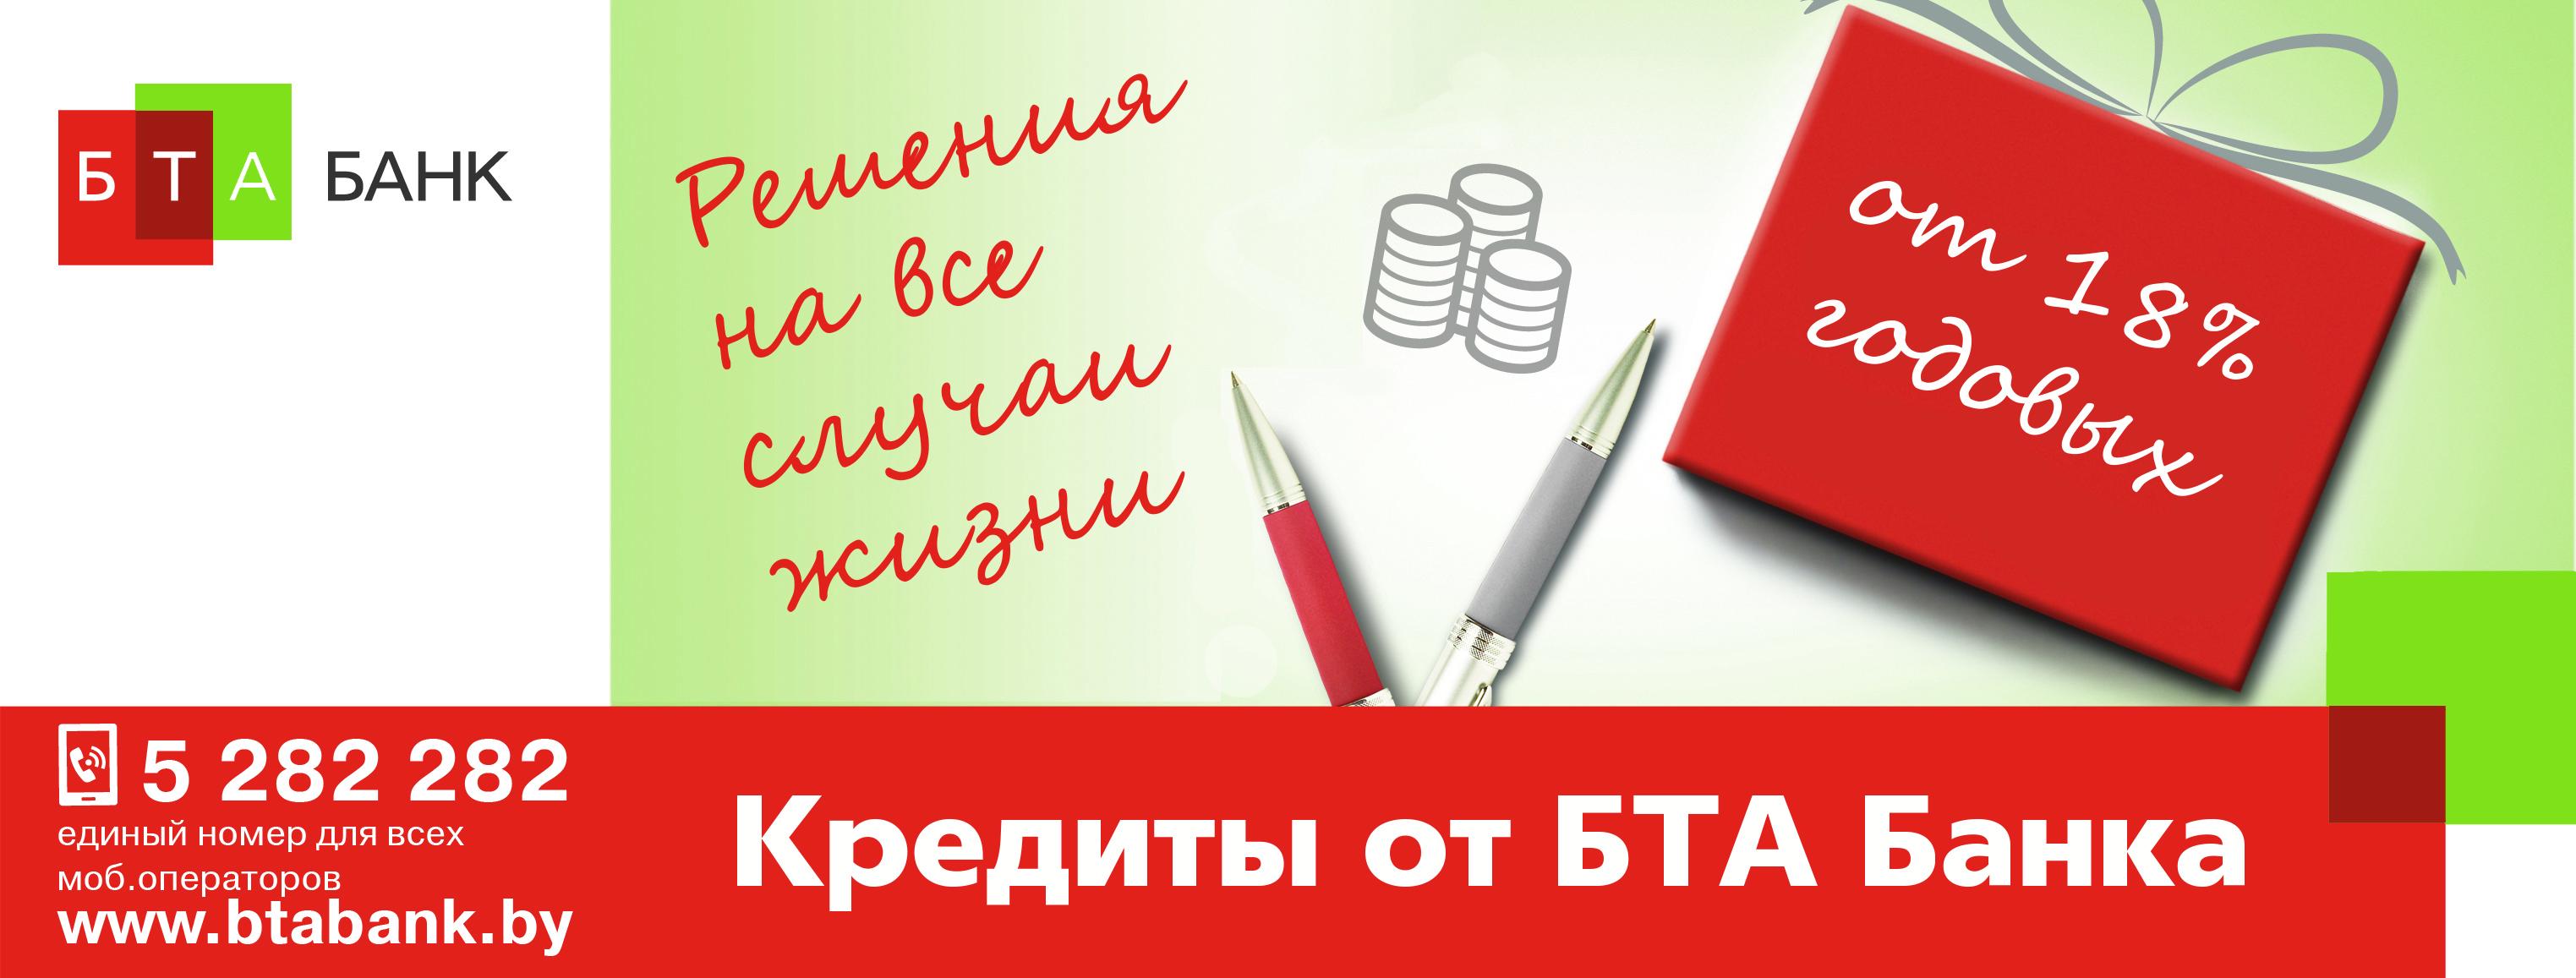 Банки кредиты физическим кредиты чита онлайн